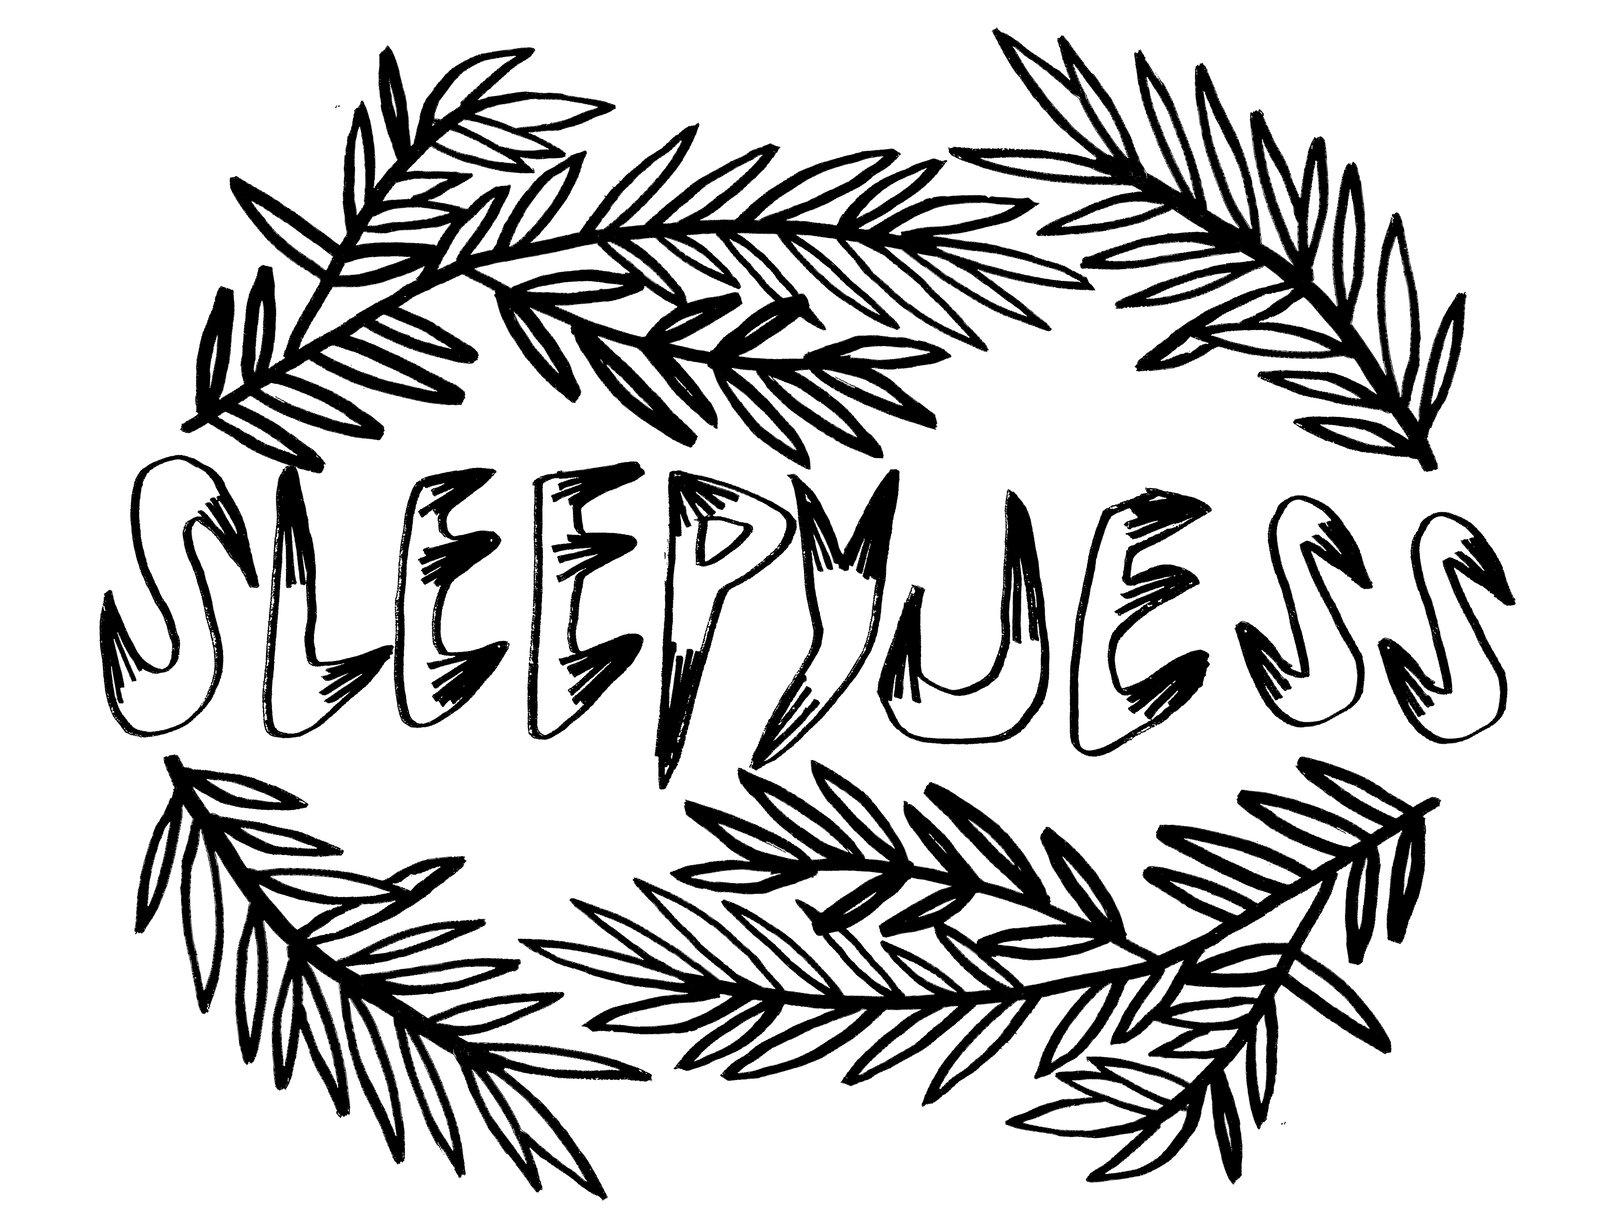 SLEEPY JESS